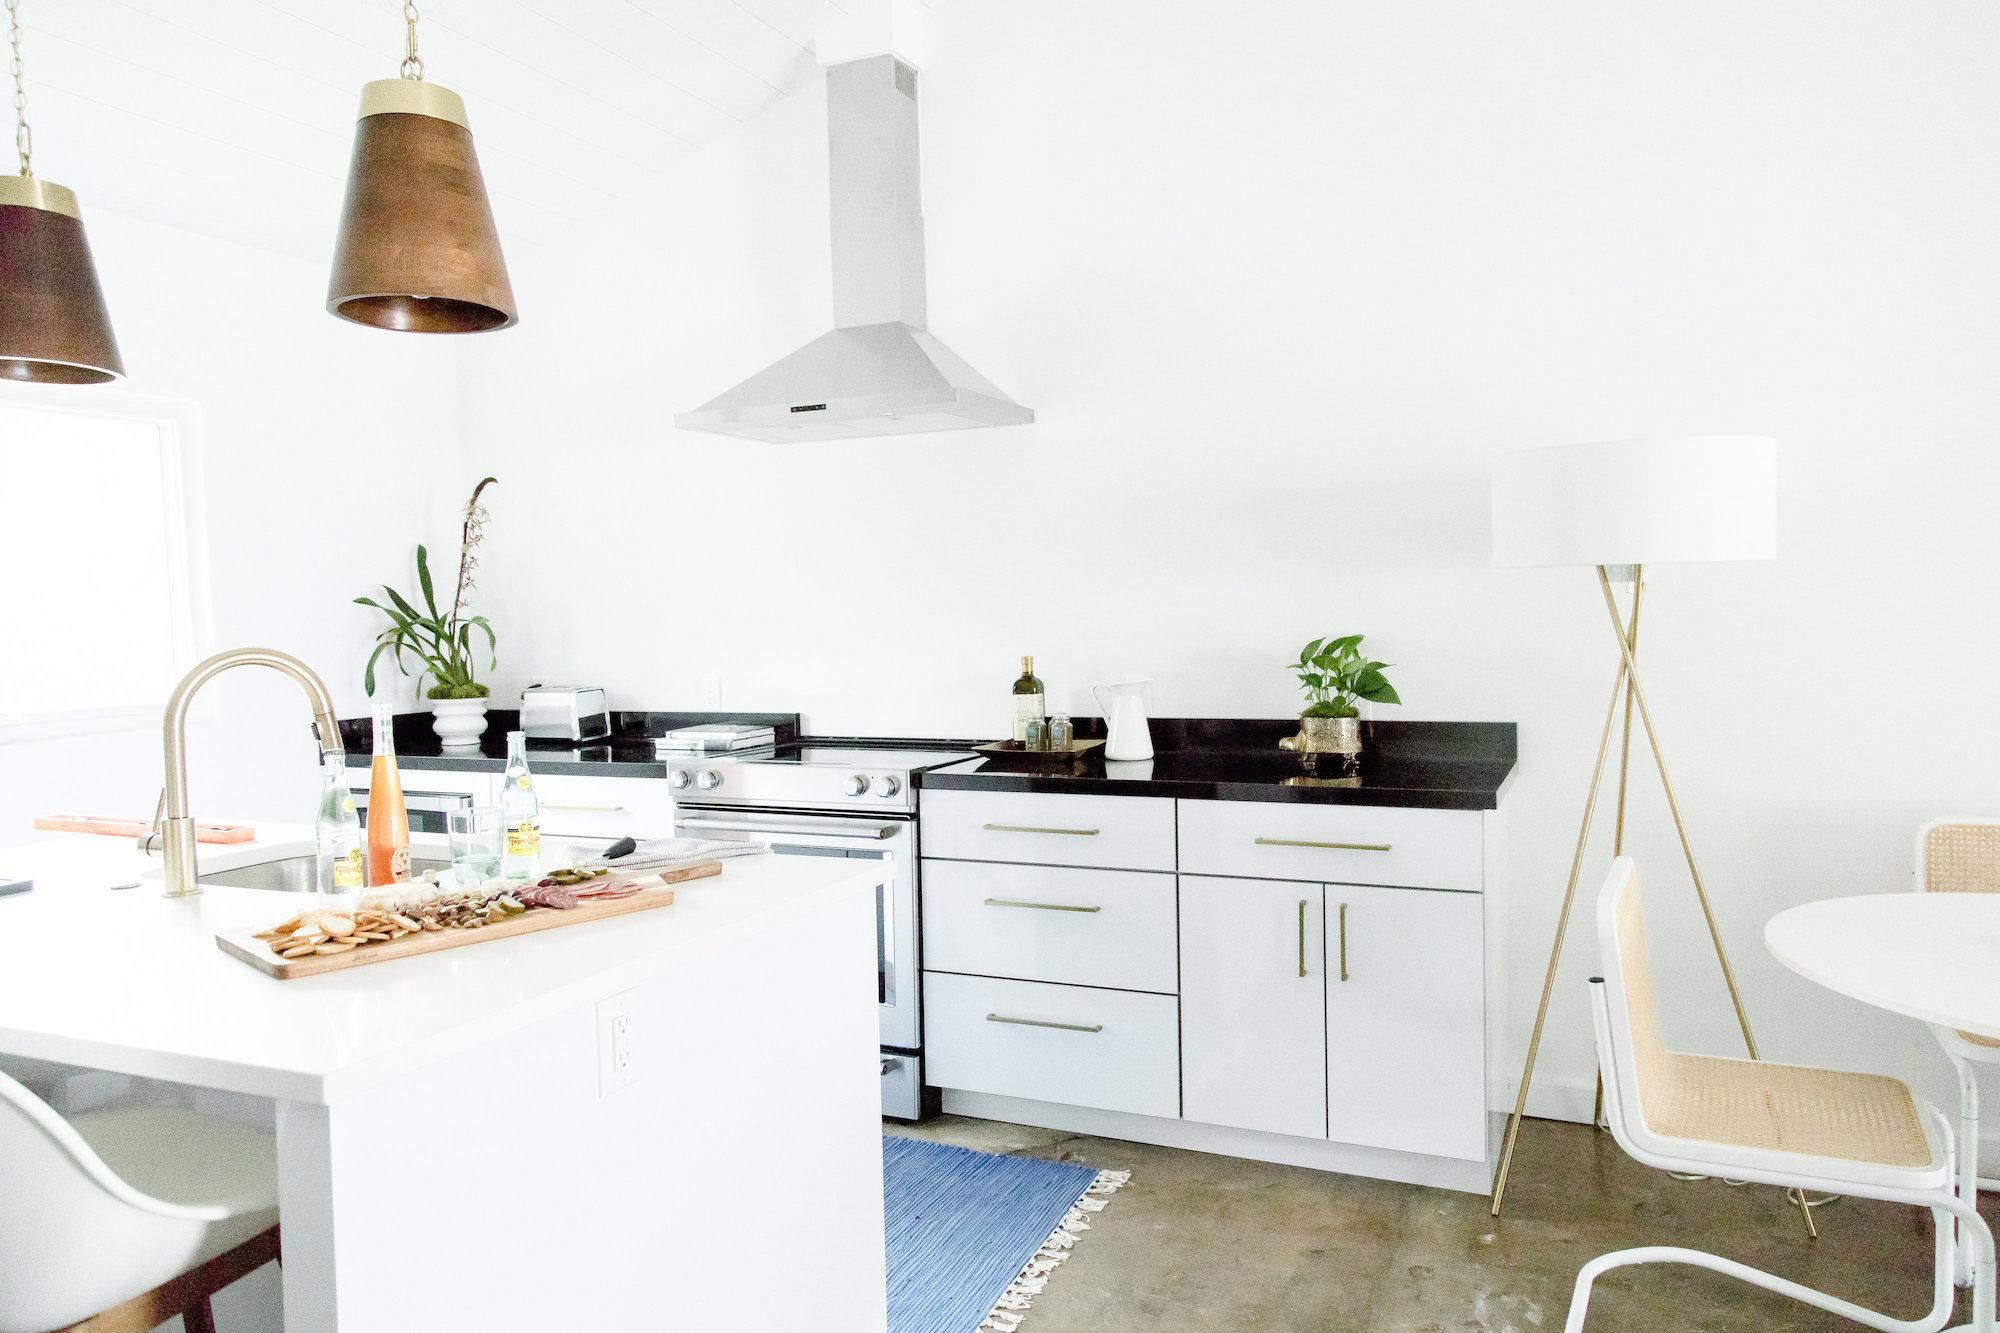 mid-century-modern-kitchen-white-rental-web-resolution.jpg